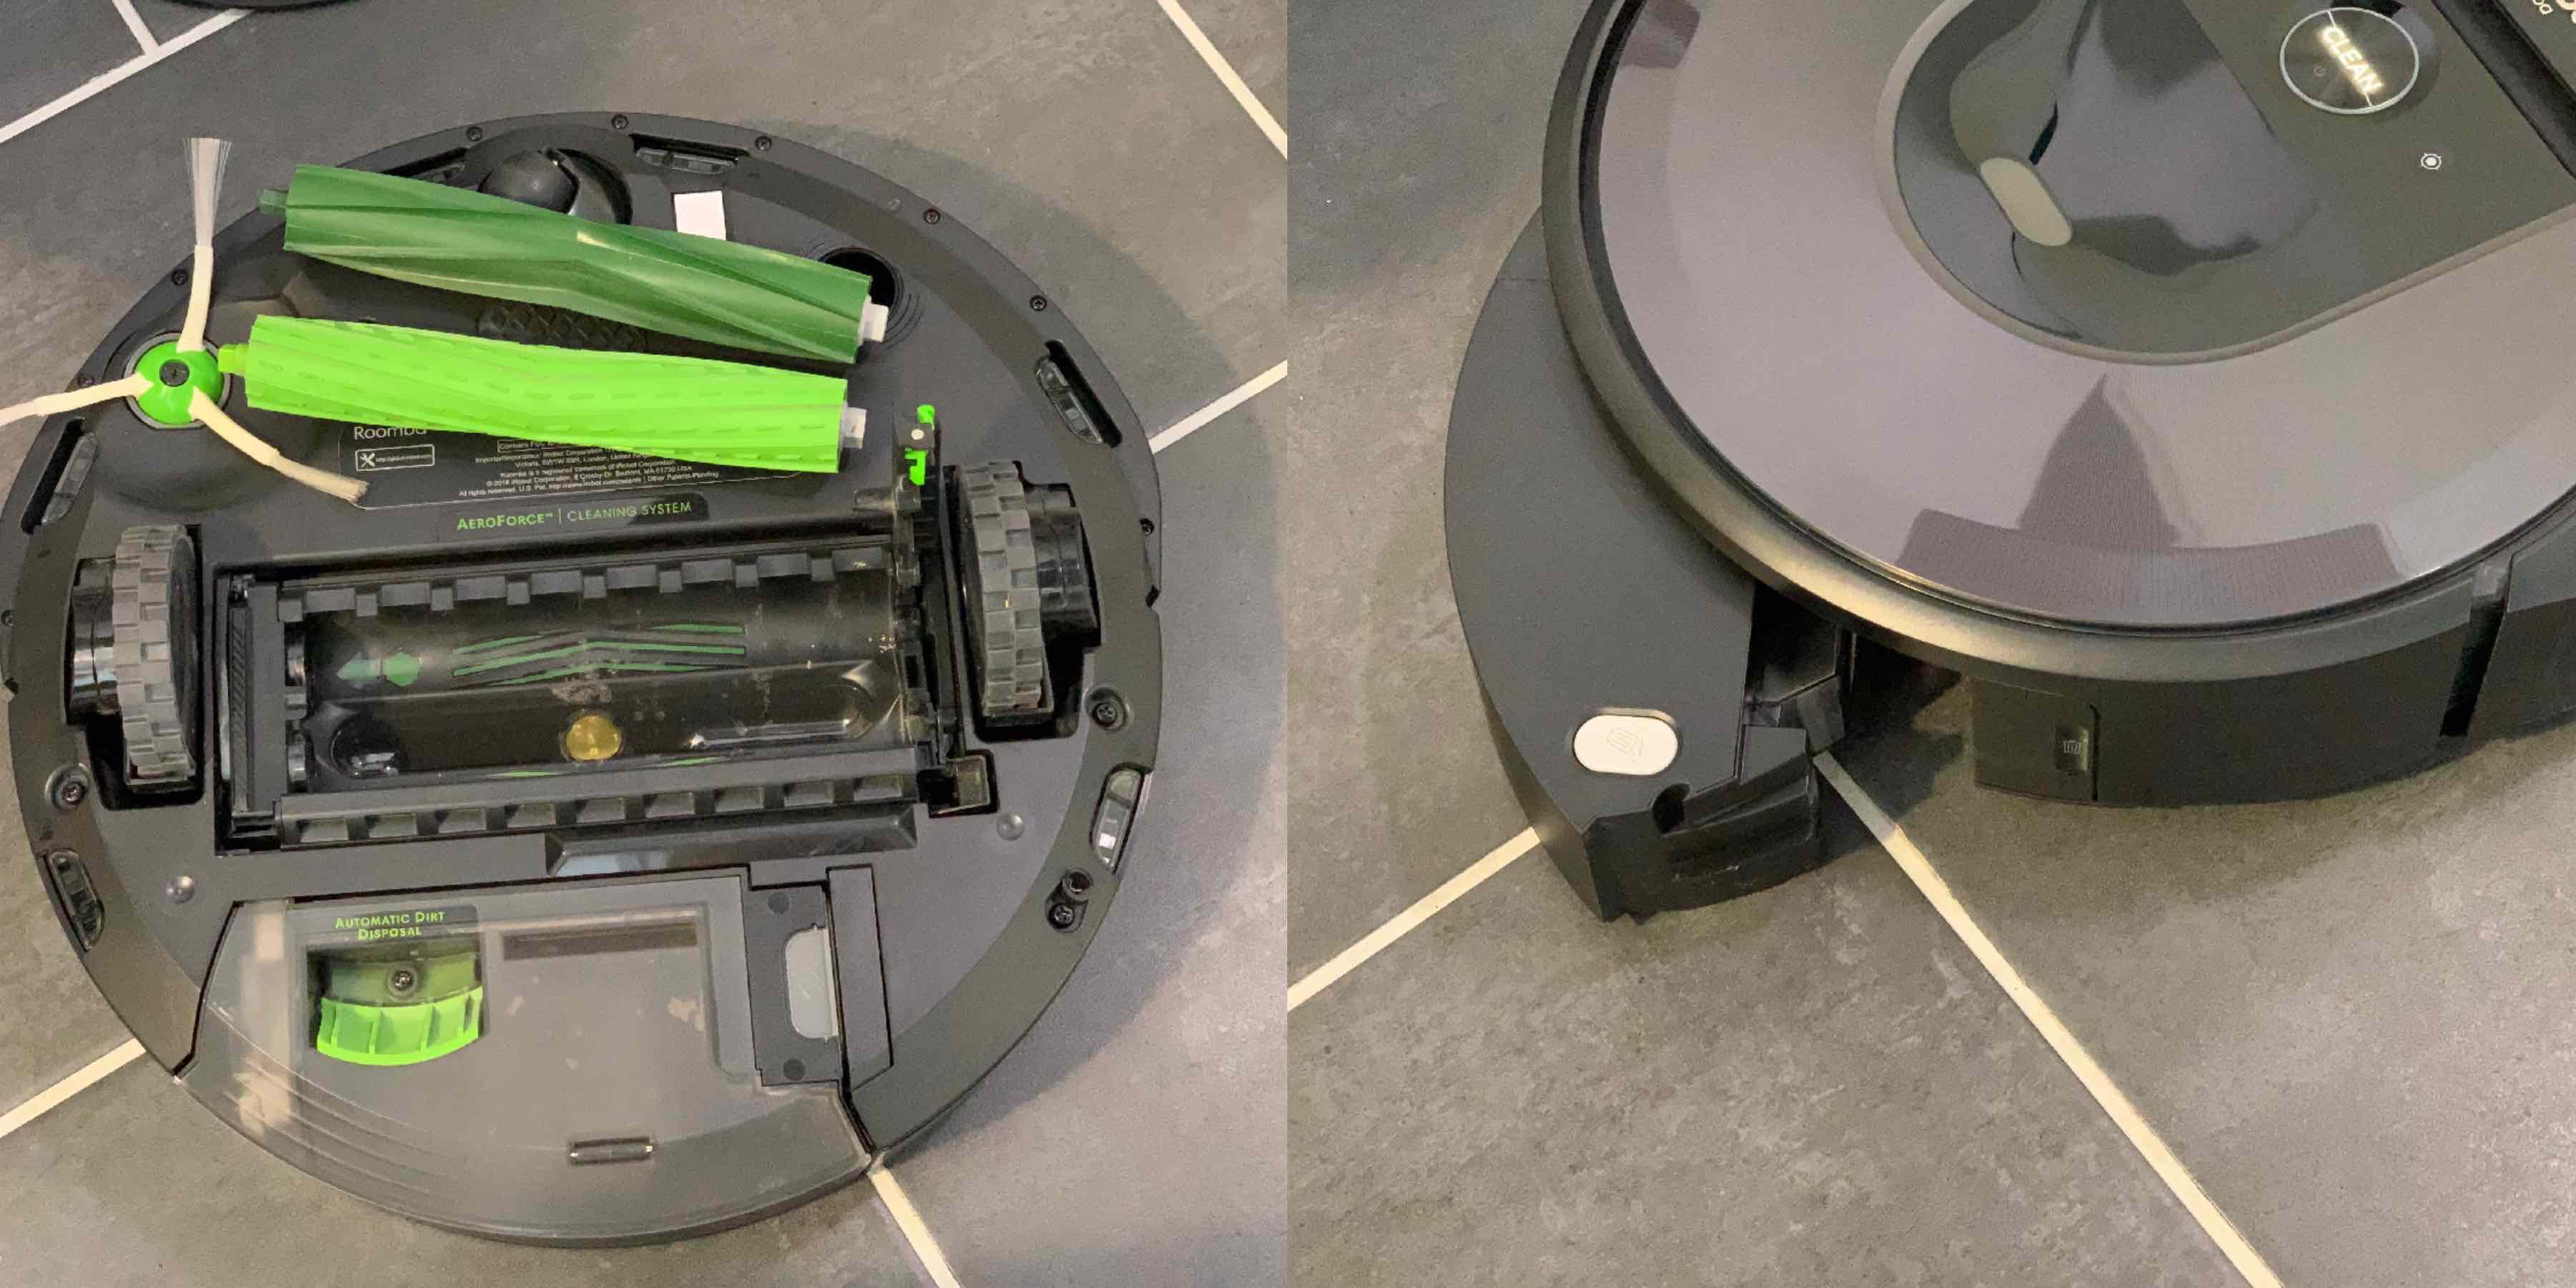 iRobot_Roomba_i7_Saugroboter_Review3 iRobot Roomba i7+ - reinigt die Wohnung und entleert sich von alleine